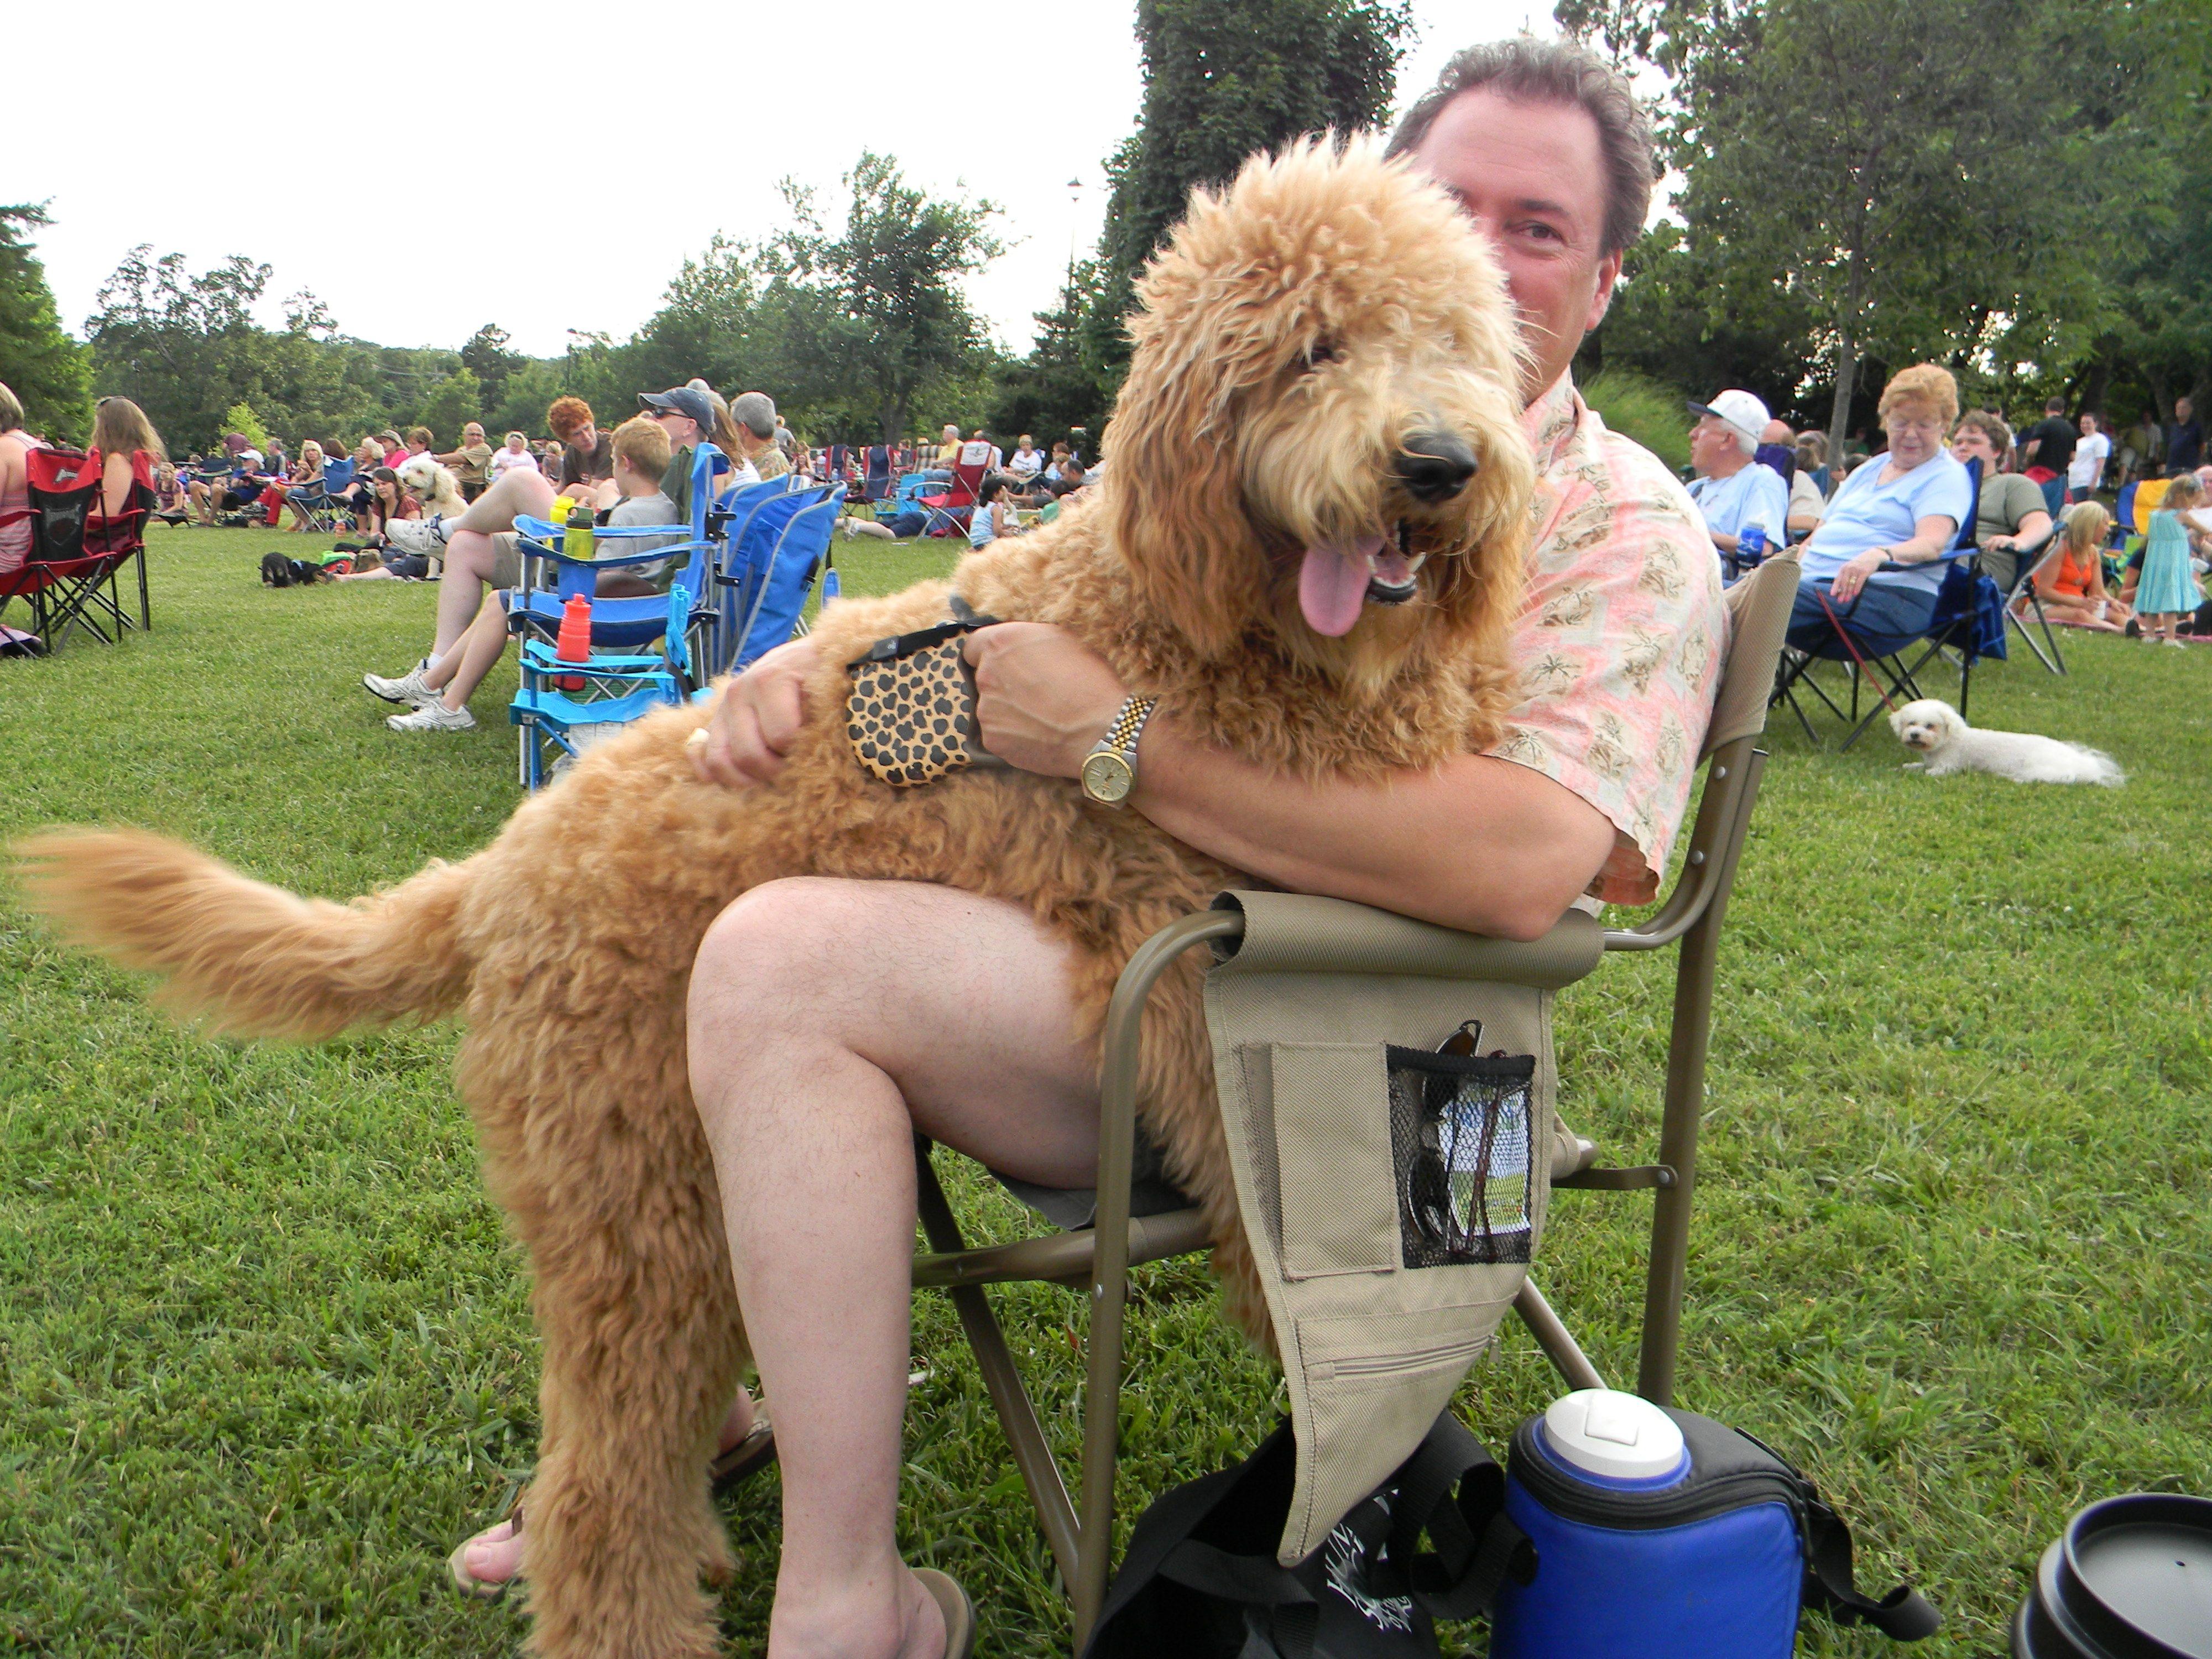 Okefeild Acres Teddybear Standard Goldendoodles in 2020